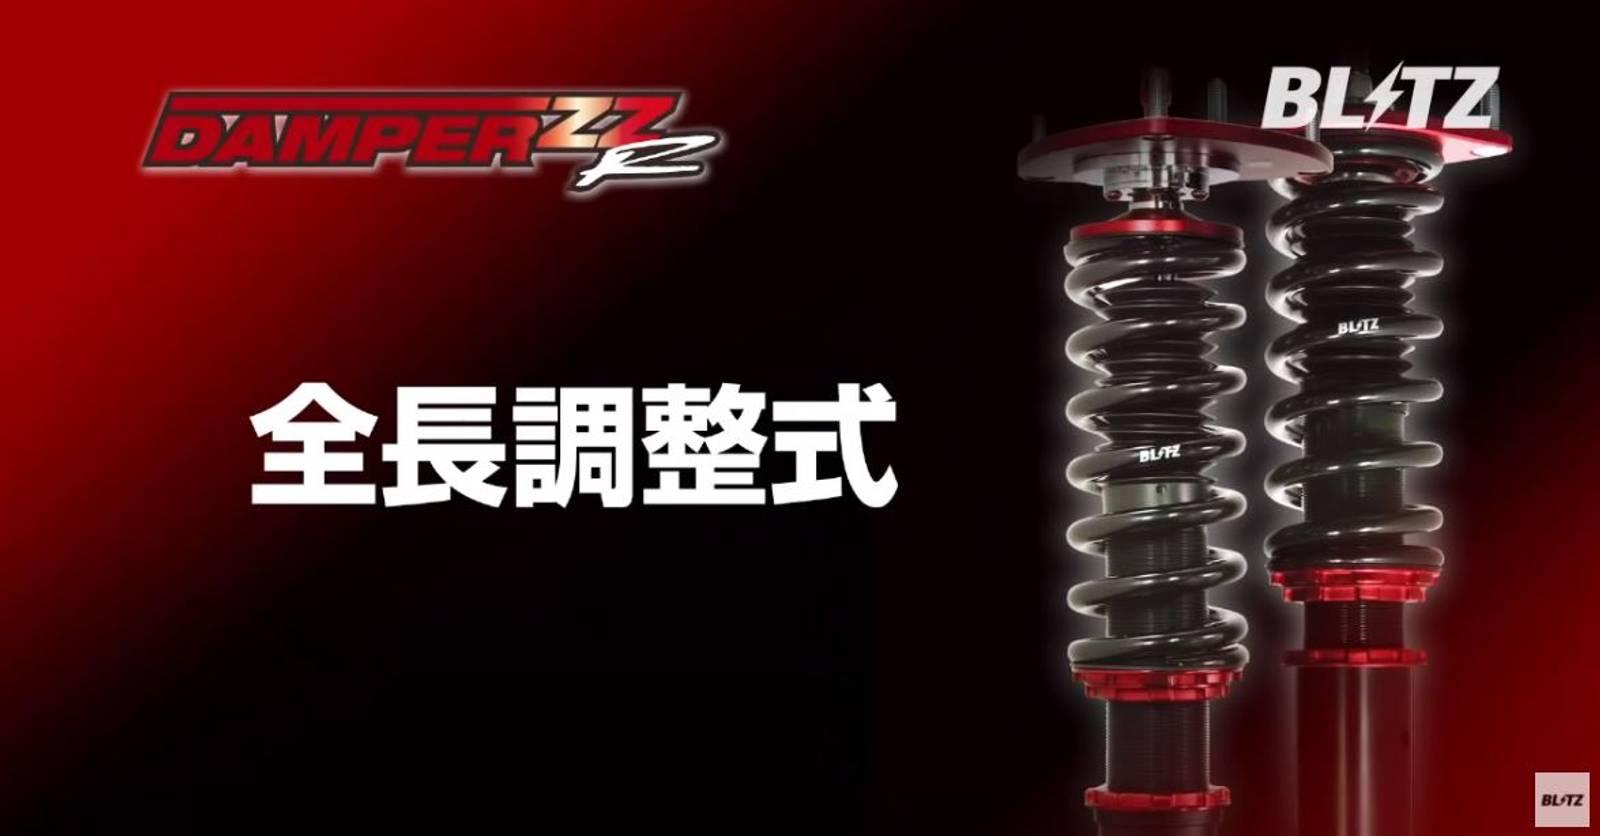 Blitz DAMPER ZZ-R Coilover Suspension Kit - Suzuki Swift (ZC33S)